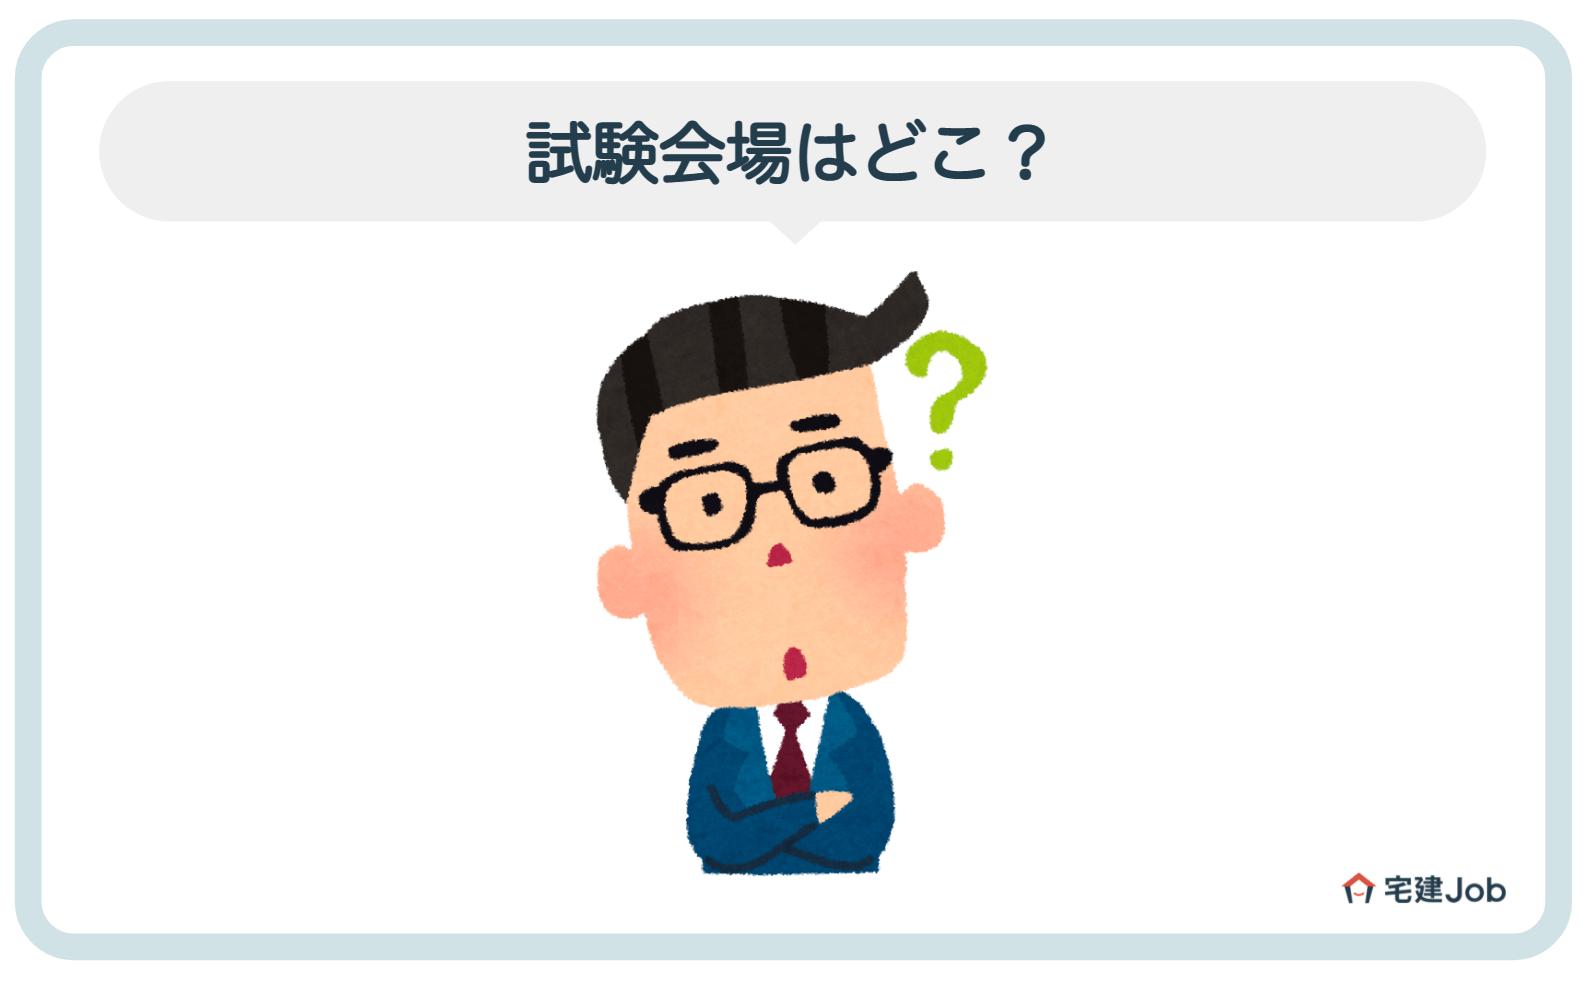 1.賃貸不動産経営管理士の試験会場はどこ?【決まり方】